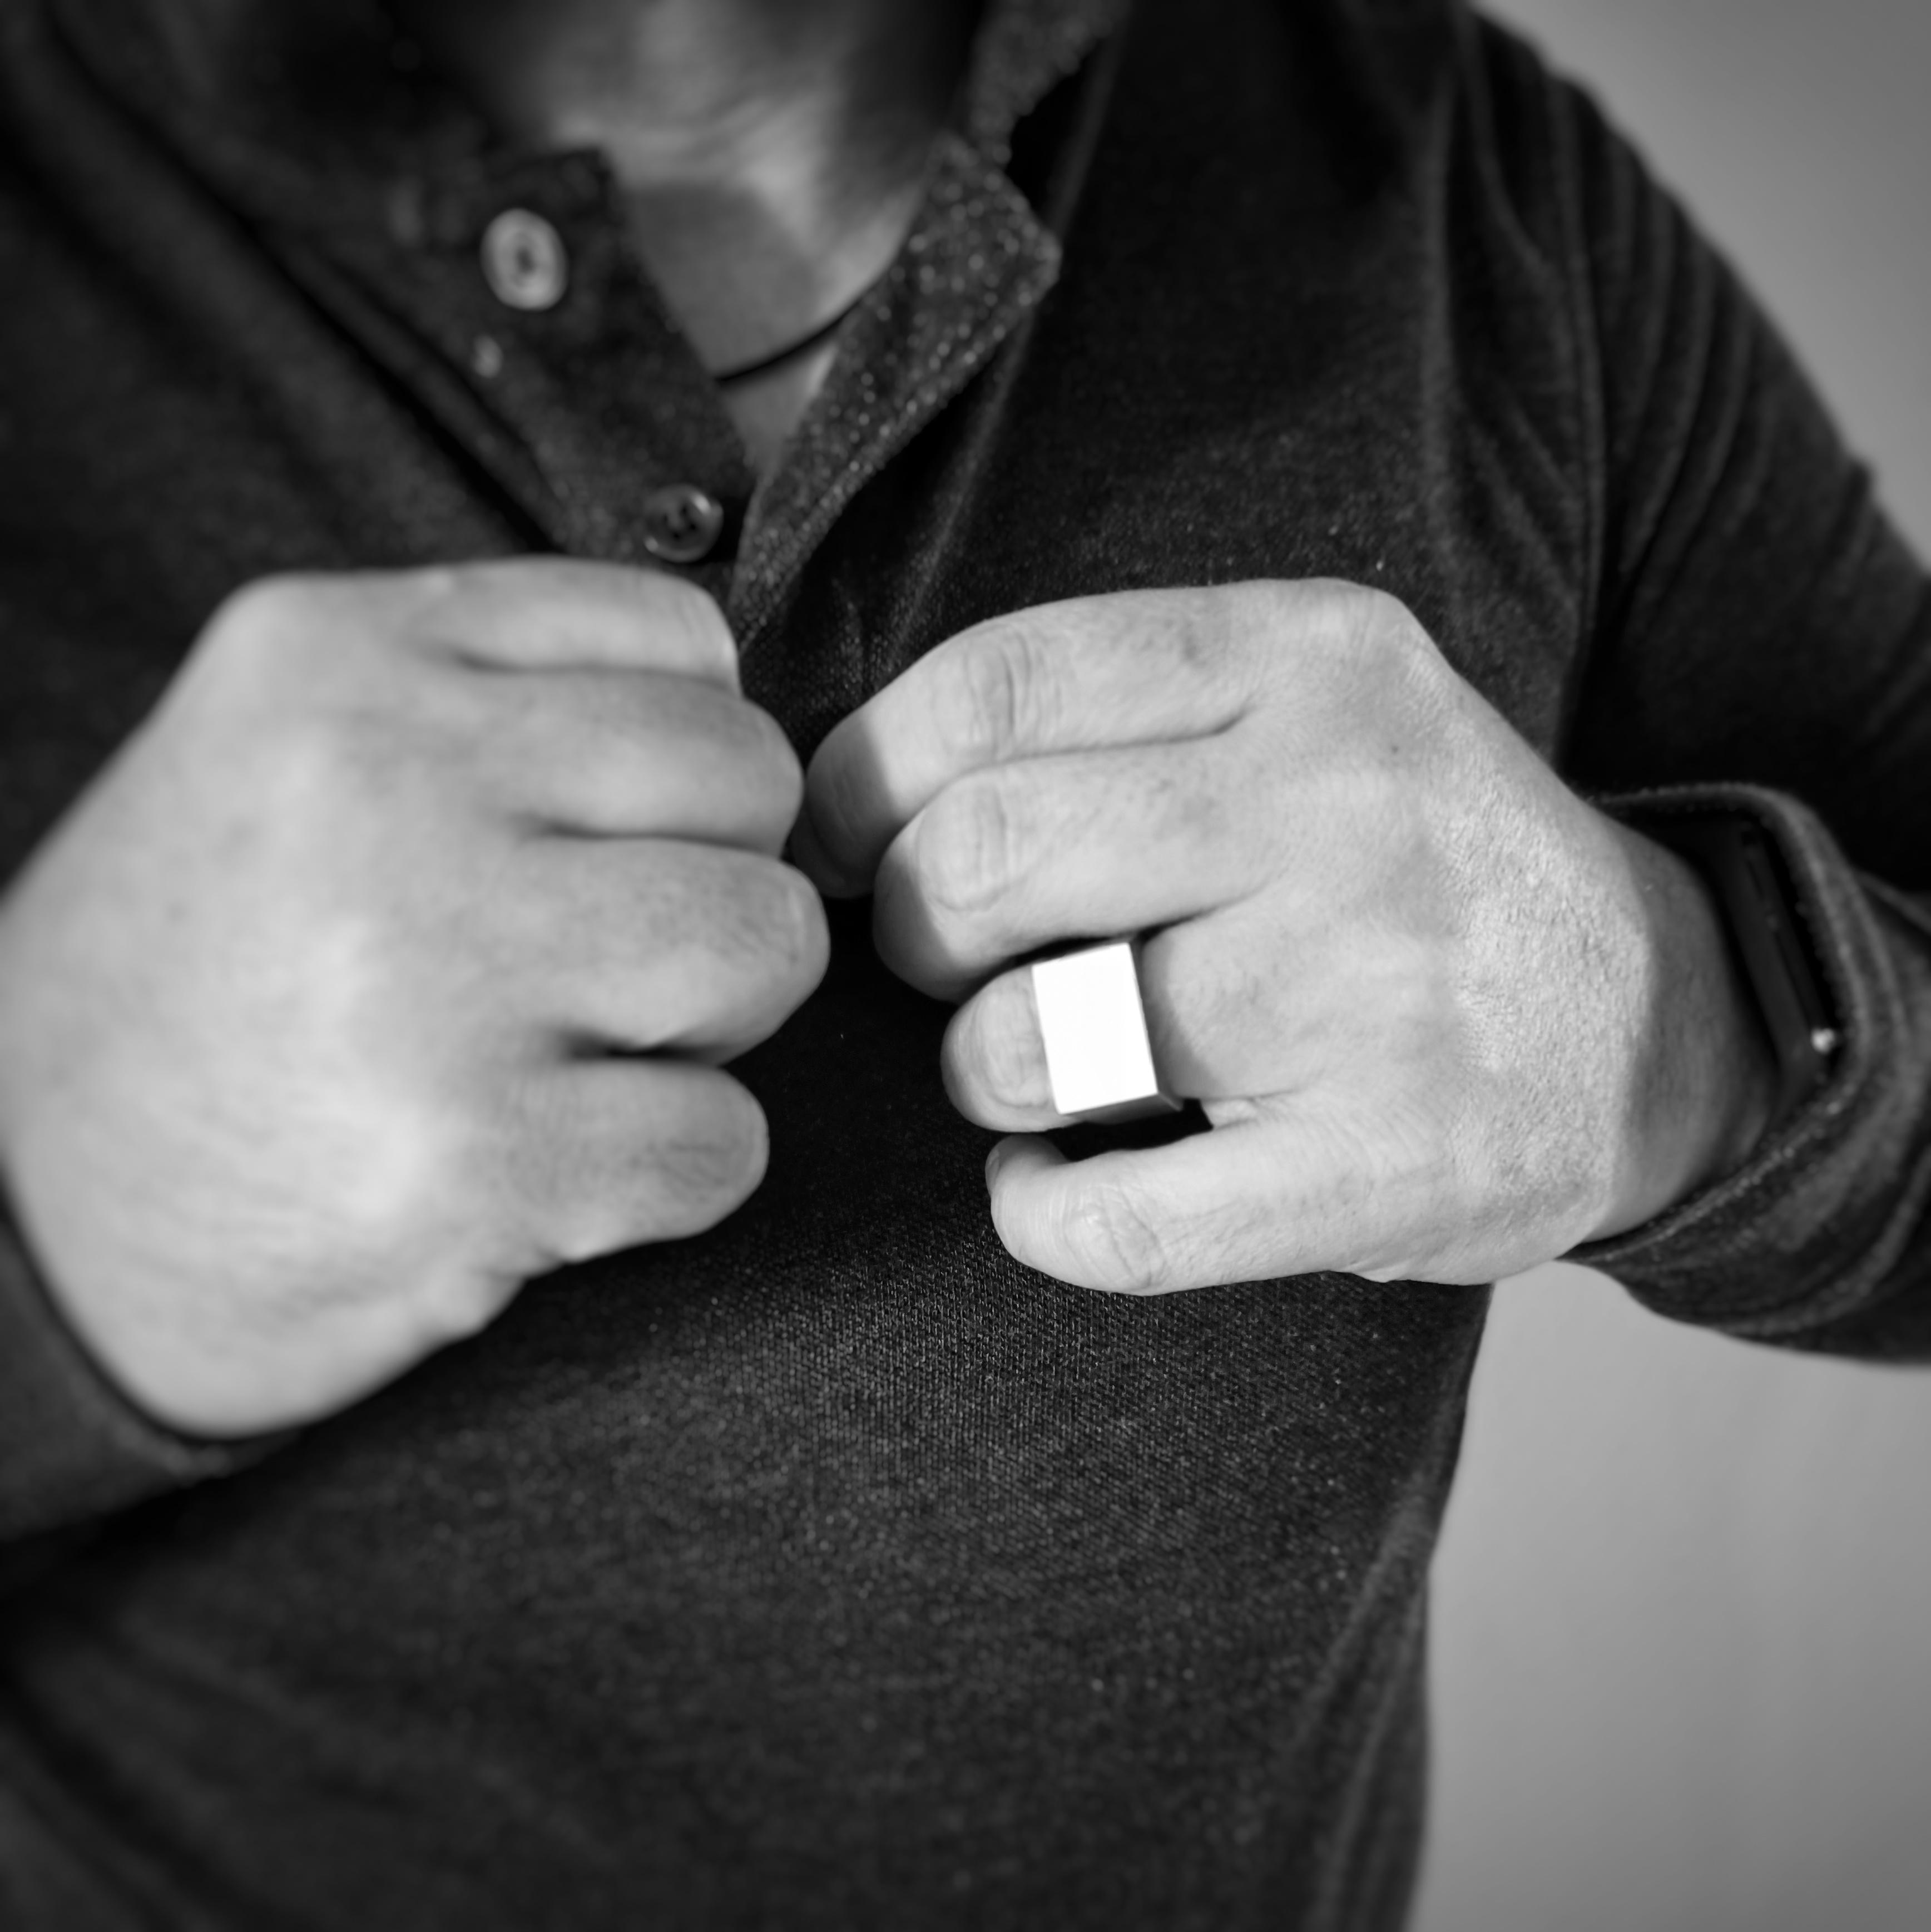 Un uomo si allaccia il colletto della polo mostrando l'anello Bullone